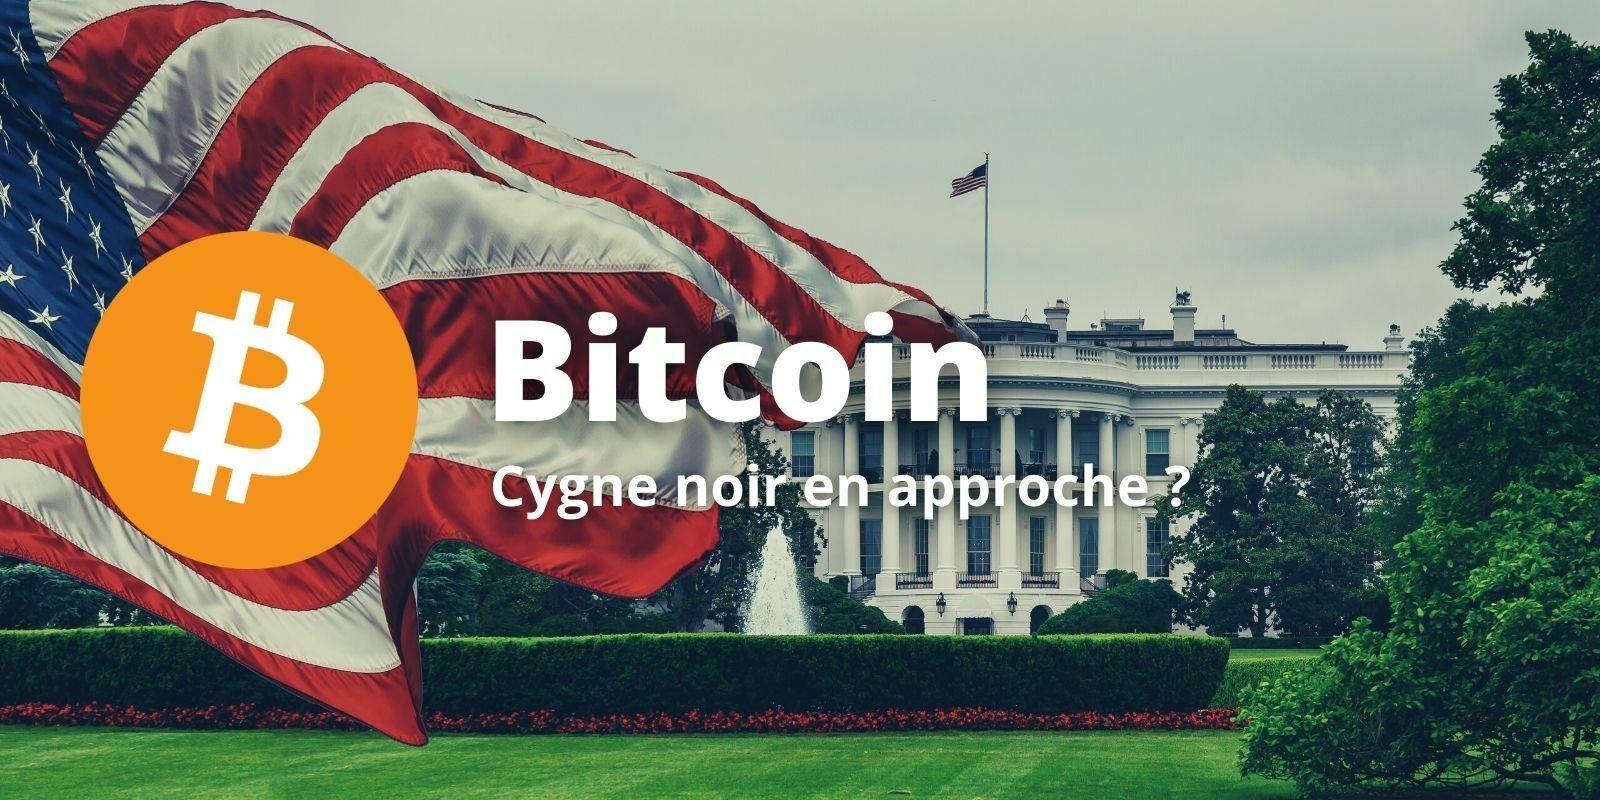 Bitcoin (BTC) - Après un mois d'octobre prometteur, l'élection présidentielle des États-Unis, seul cygne noir potentiel ?